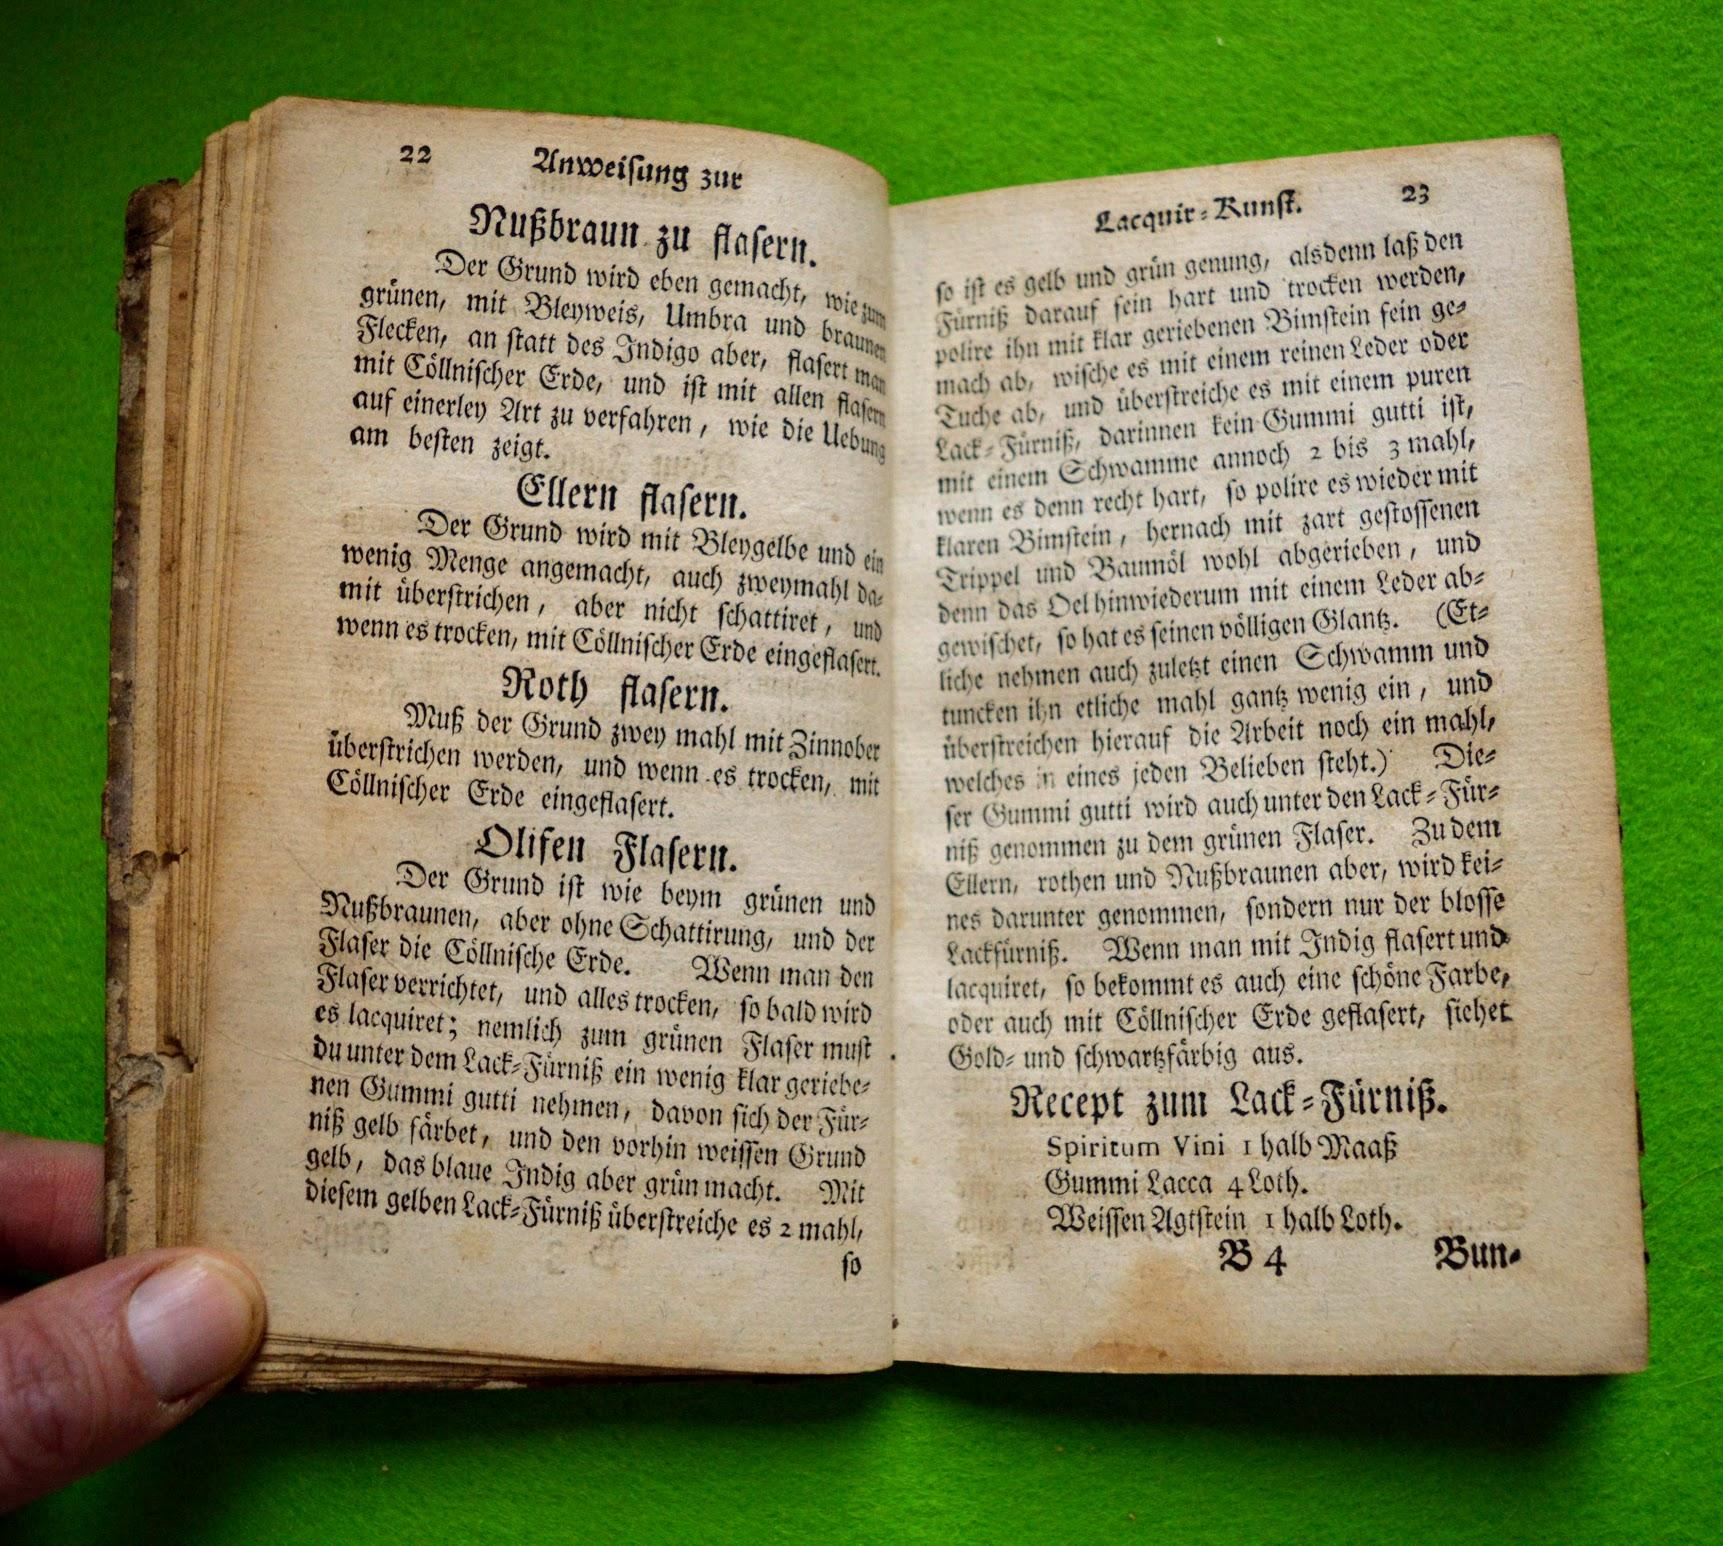 Lackierbuch 1755 - flasern